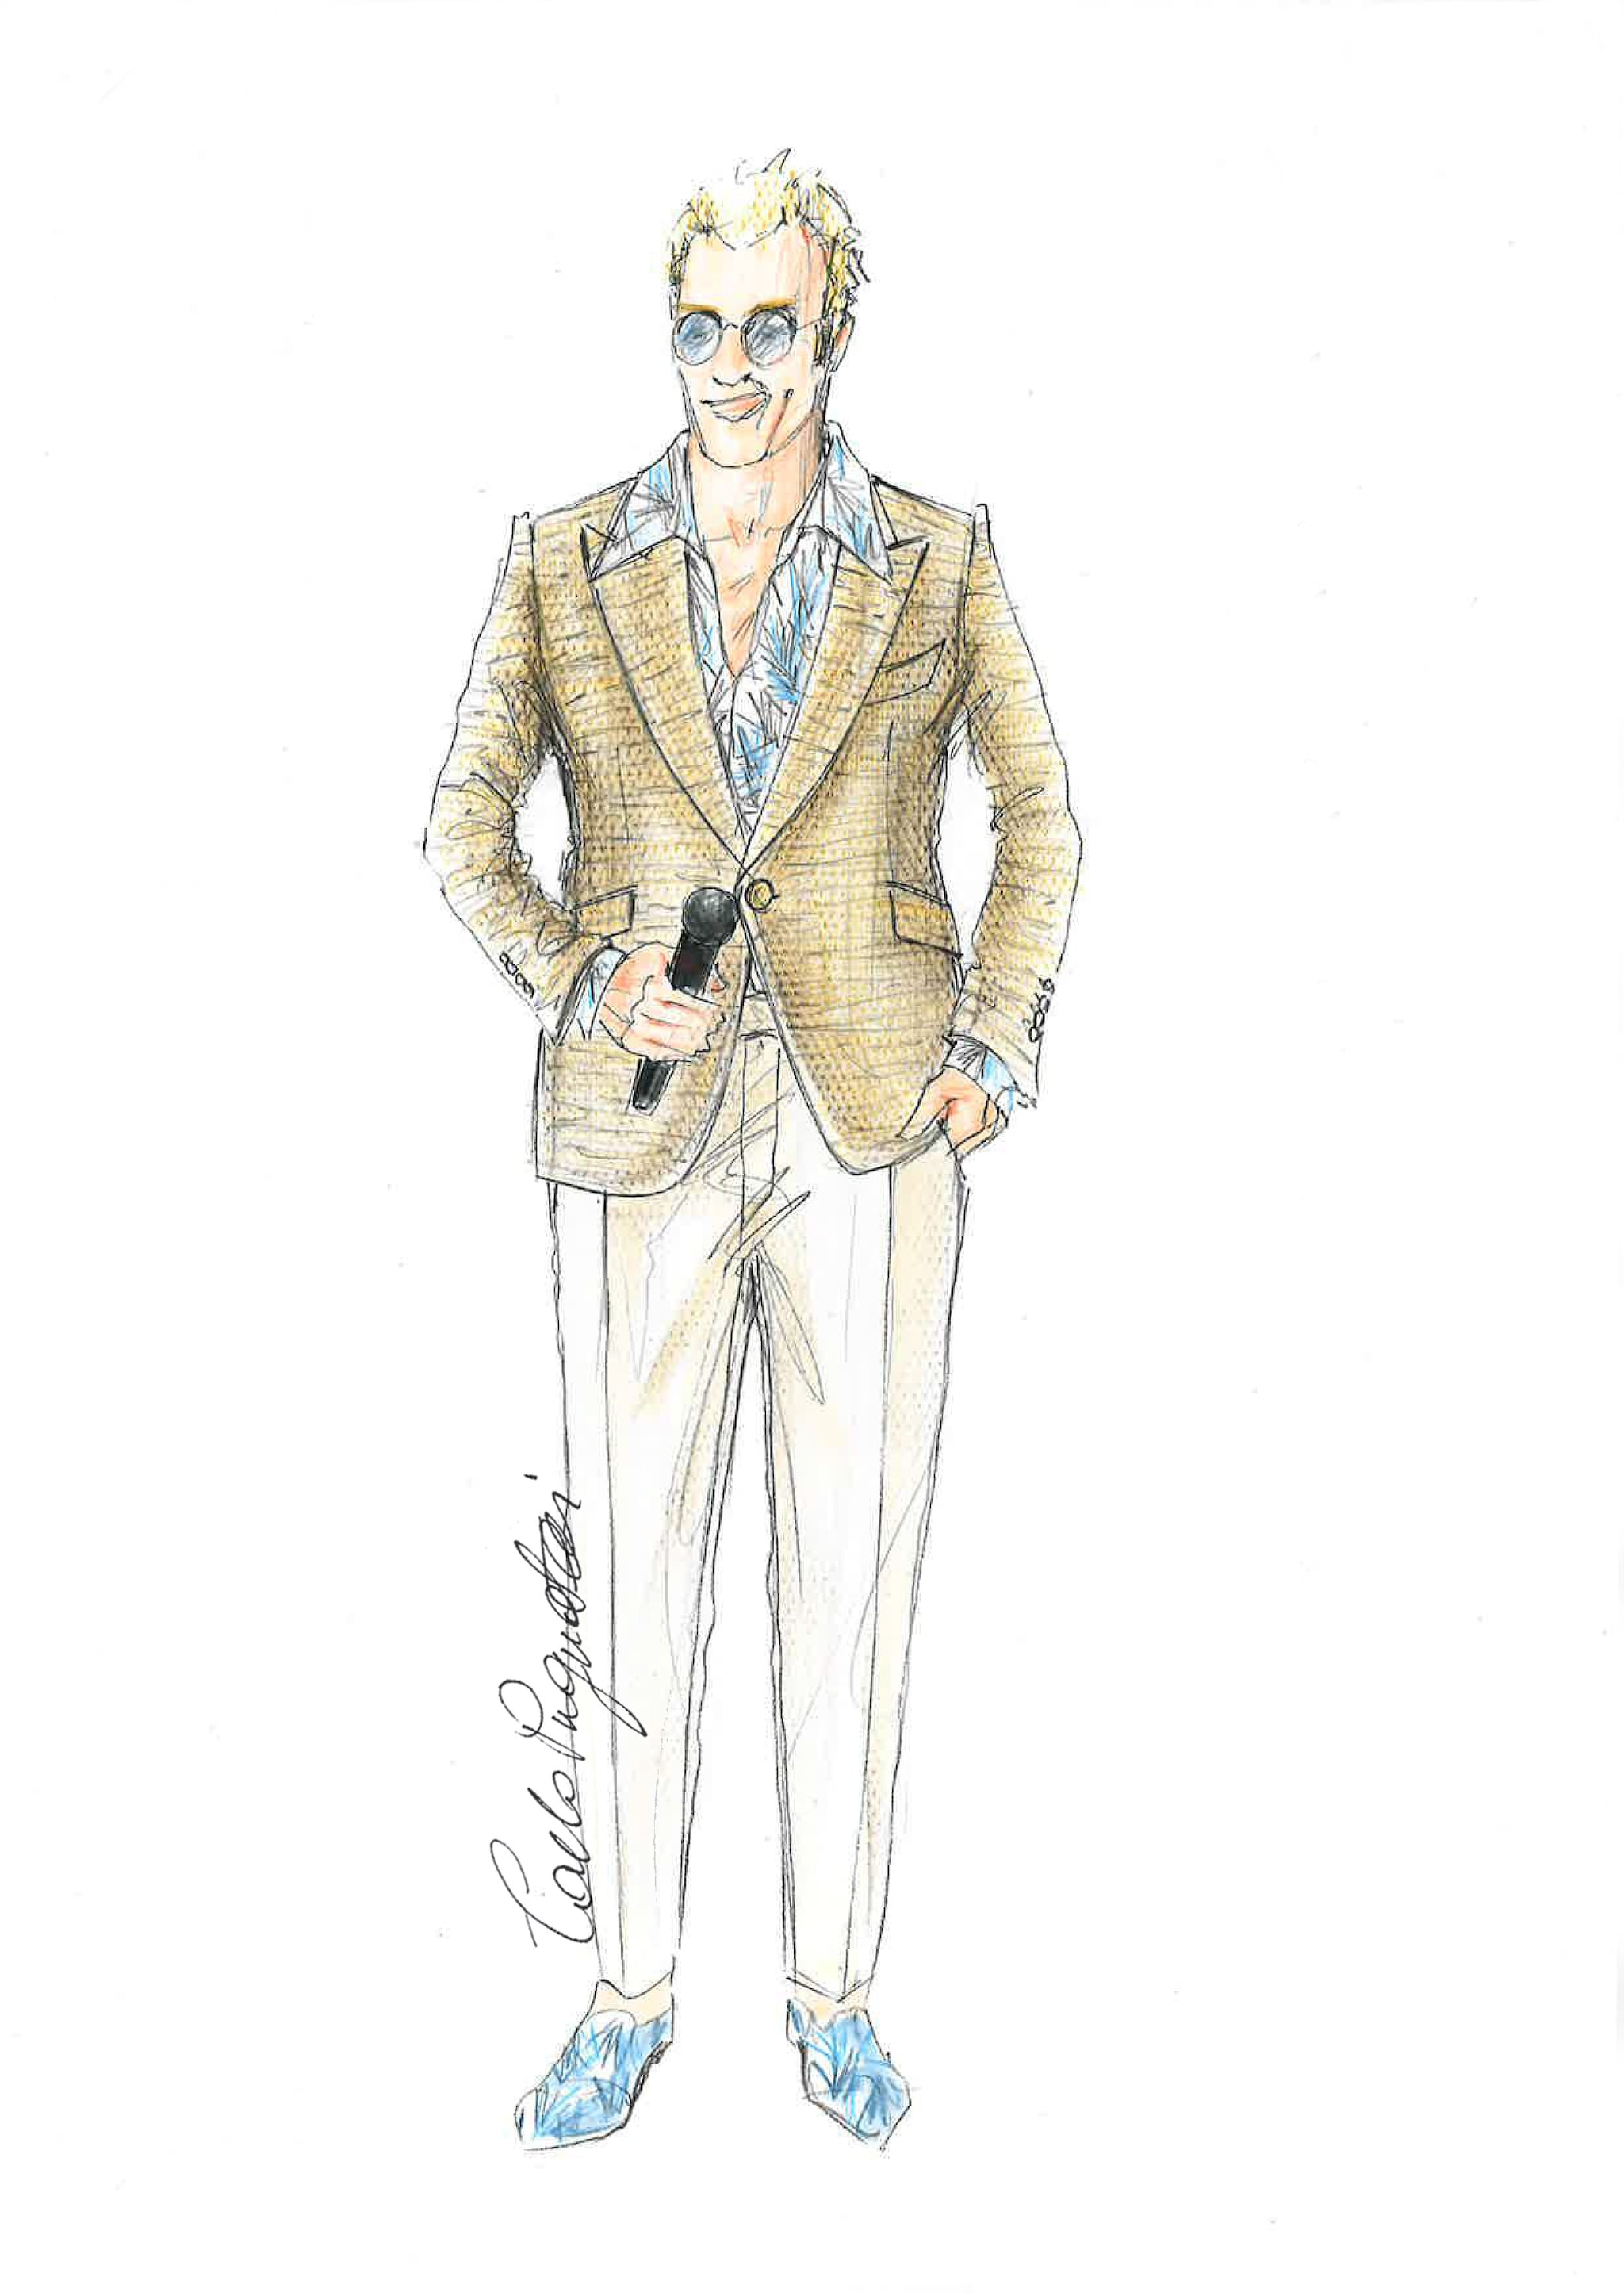 Il look di Raphael Gualazzi a Sanremo 2020 firmato Carlo Pignatelli